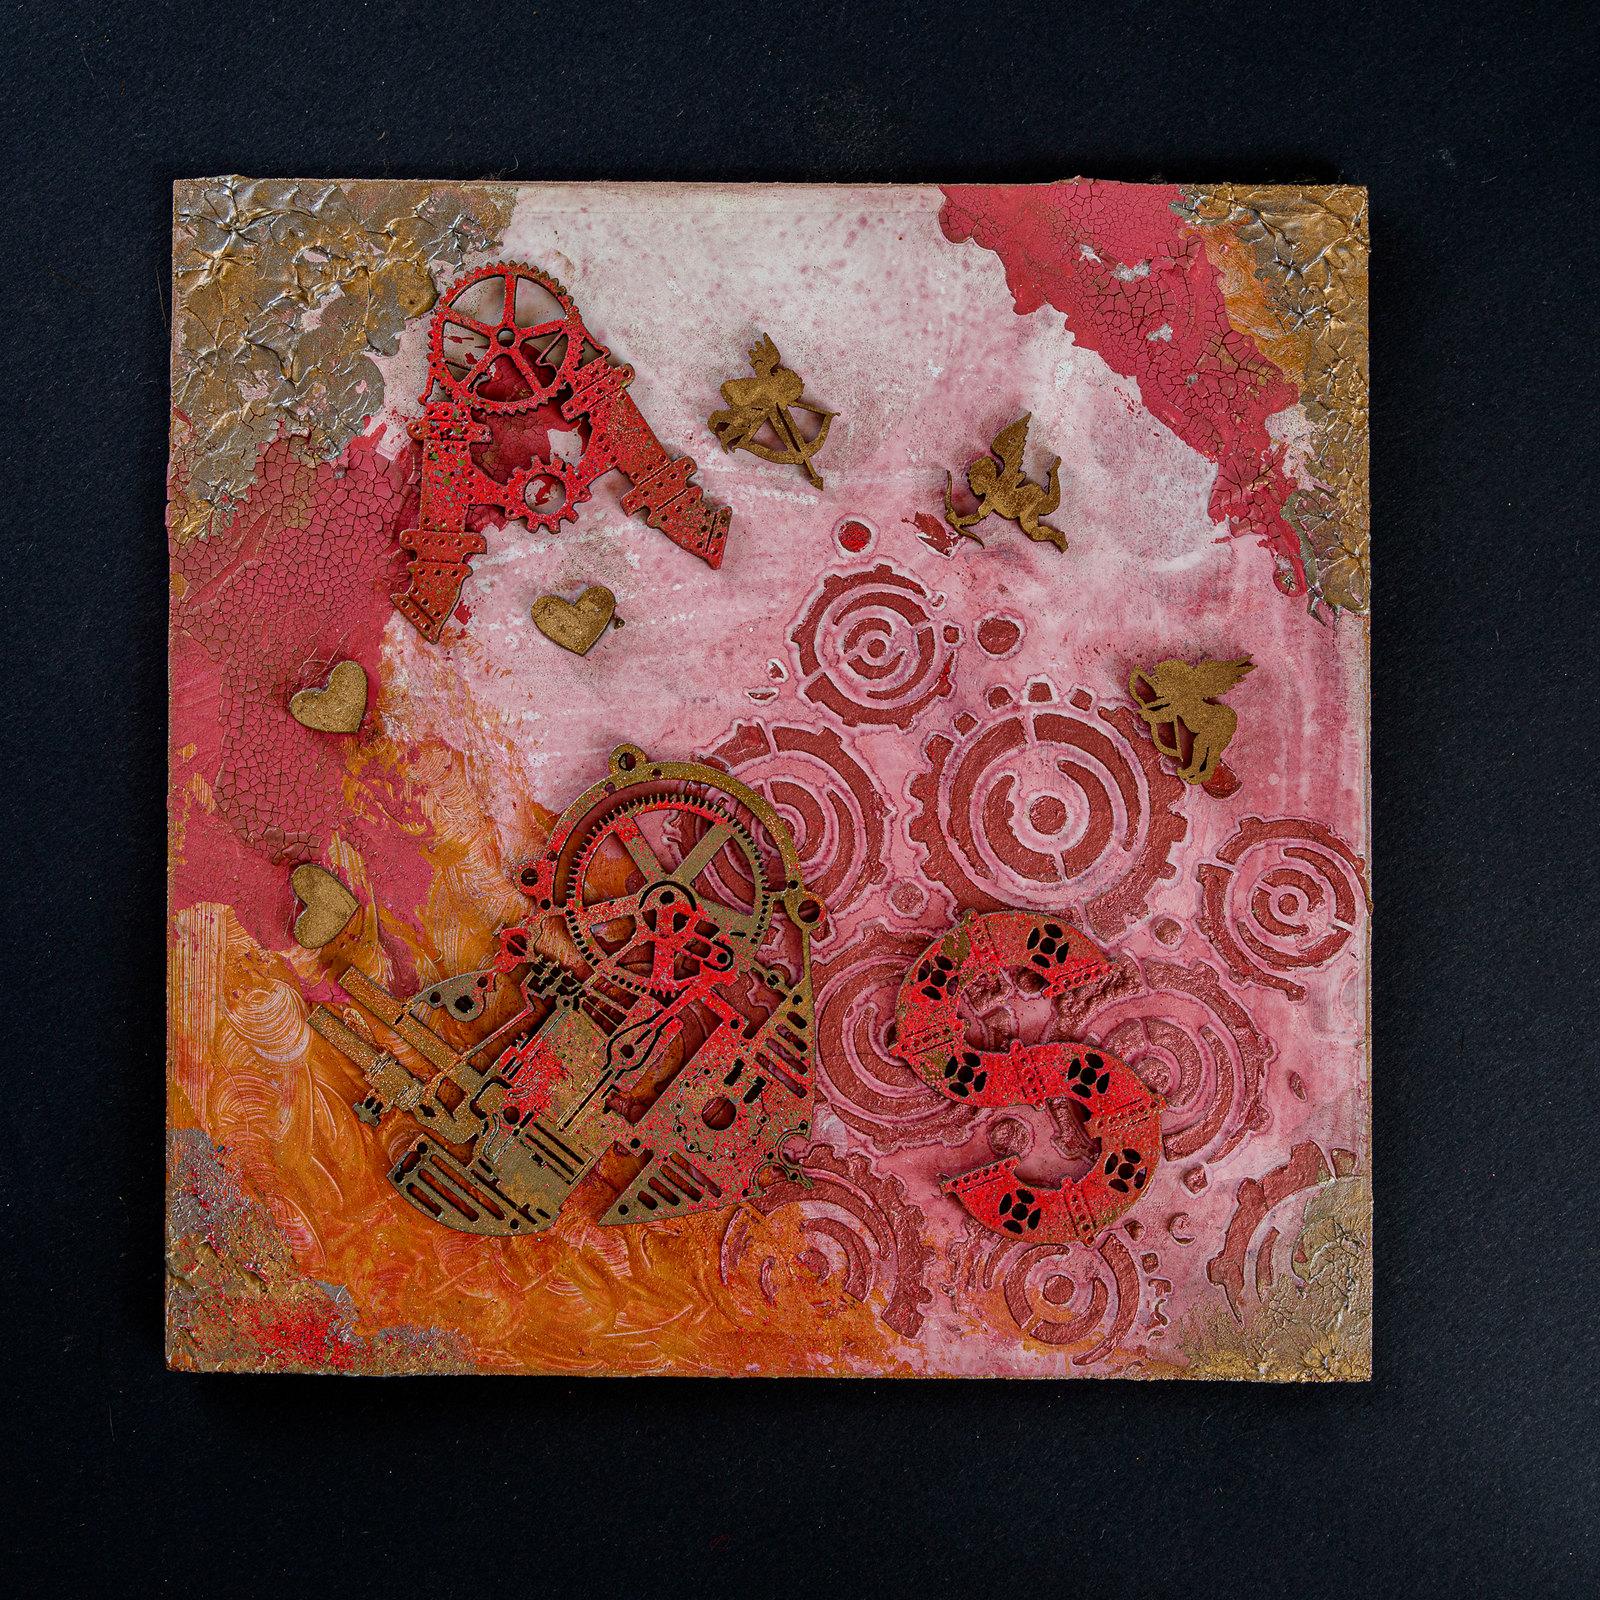 Ali-cards-033.jpg